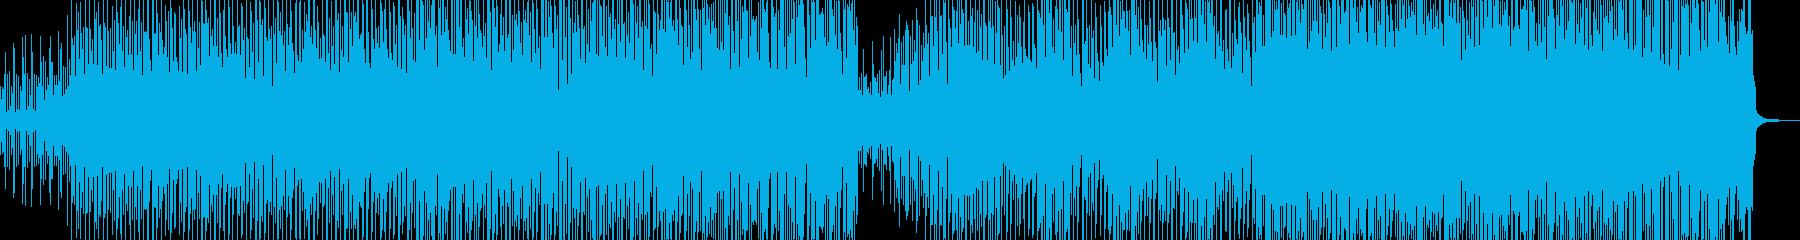 ユーモアな三味線・お祭り騒ぎなジャズ Aの再生済みの波形